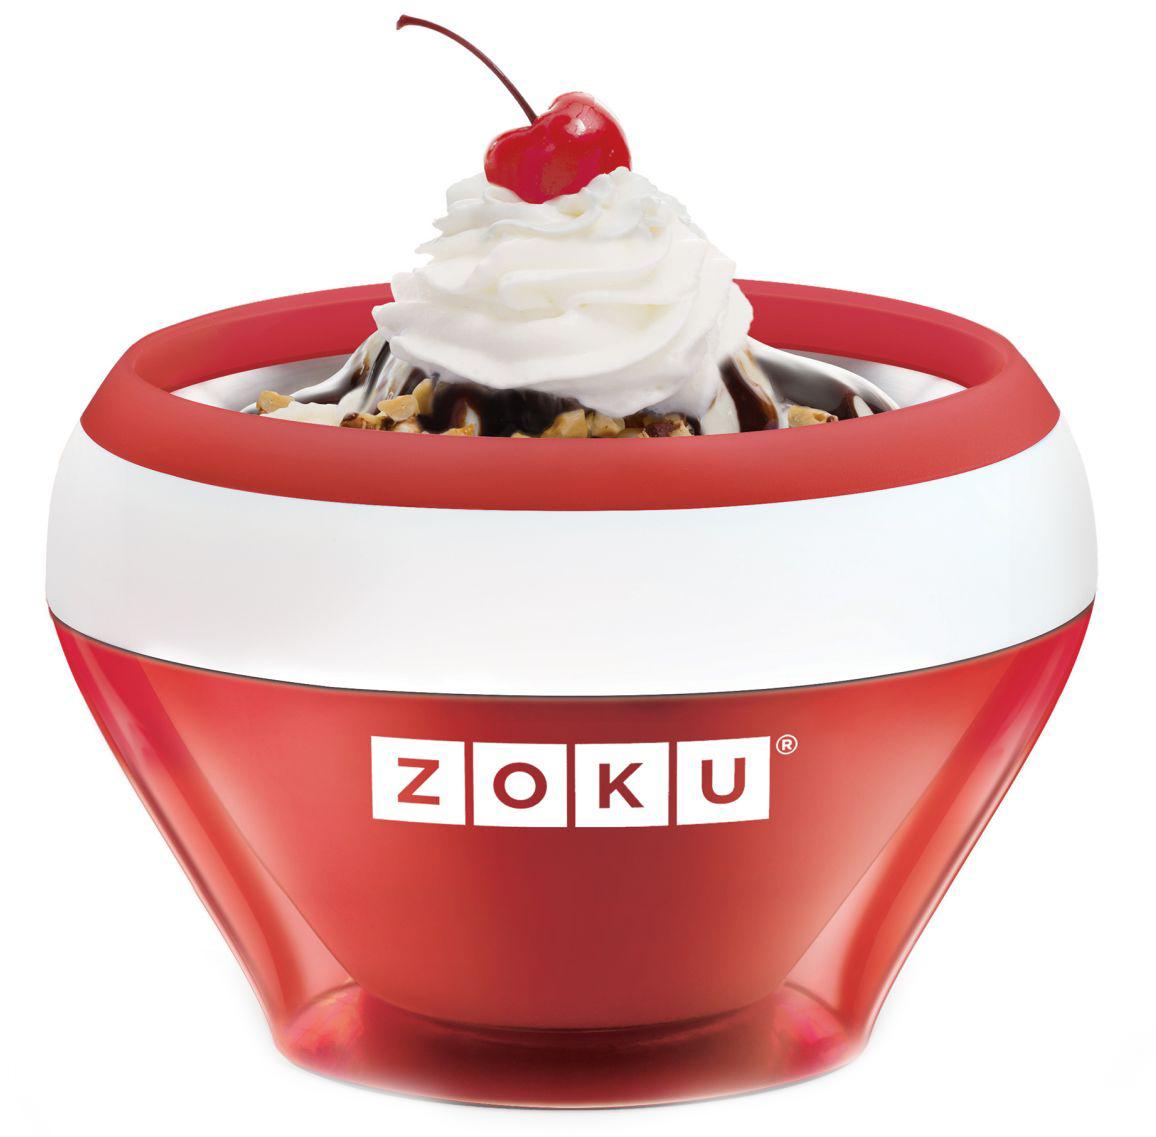 Форма для мороженого Zoku Ice Cream Maker, цвет: красный, 150 мл. ZK120-RDZK120-RDС формы для мороженого Zoku Ice Cream Maker вы сможете быстро и без усилий приготовить натуральные домашние десерты - мороженое, сорбет, щербет, замороженный йогурт, заварной крем и прочие лакомства. Почувствуйте себя настоящим профессионалом – создавайте вкусные и полезные десерты на основе натуральных ингредиентов. Комбинируйте вкусовые добавки и украшайте готовое мороженое фруктами, сладкими или пряными присыпками, орехами и шоколадом.Применение: поместите внутреннюю пустую форму в морозильную камеру на двенадцать и более часов. Форма должна быть абсолютно сухой и располагаться вертикально. Через двенадцать часов верните ее во внешний корпус и наполните желаемыми продуктами. Все ингредиенты должны быть охлажденными. Сразу начинайте перемешивать массу с помощью специальной ложки. Не давайте краям примерзнуть к форме. Через 7-10 минут ваш десерт готов. Для получения твердого мороженого поместите форму в морозильную камеру на дополнительные 10-15 минут. Не содержит вредных примесей и бисфенола-А. Не подходит для использования в микроволновой печи.Размеры: 13,8 х 9,4 х 13,8 см.